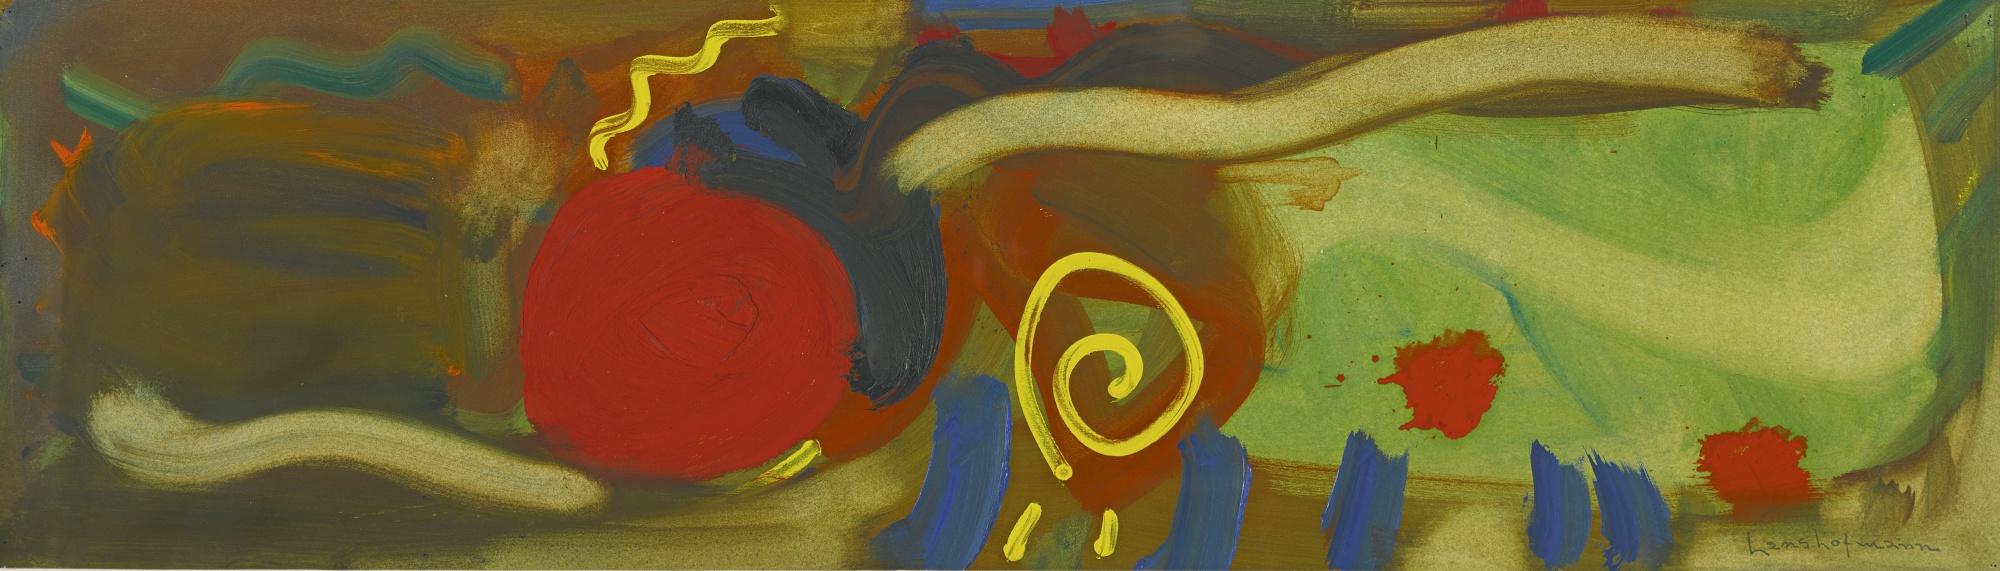 Hans Hofmann-Color Study #1-1956